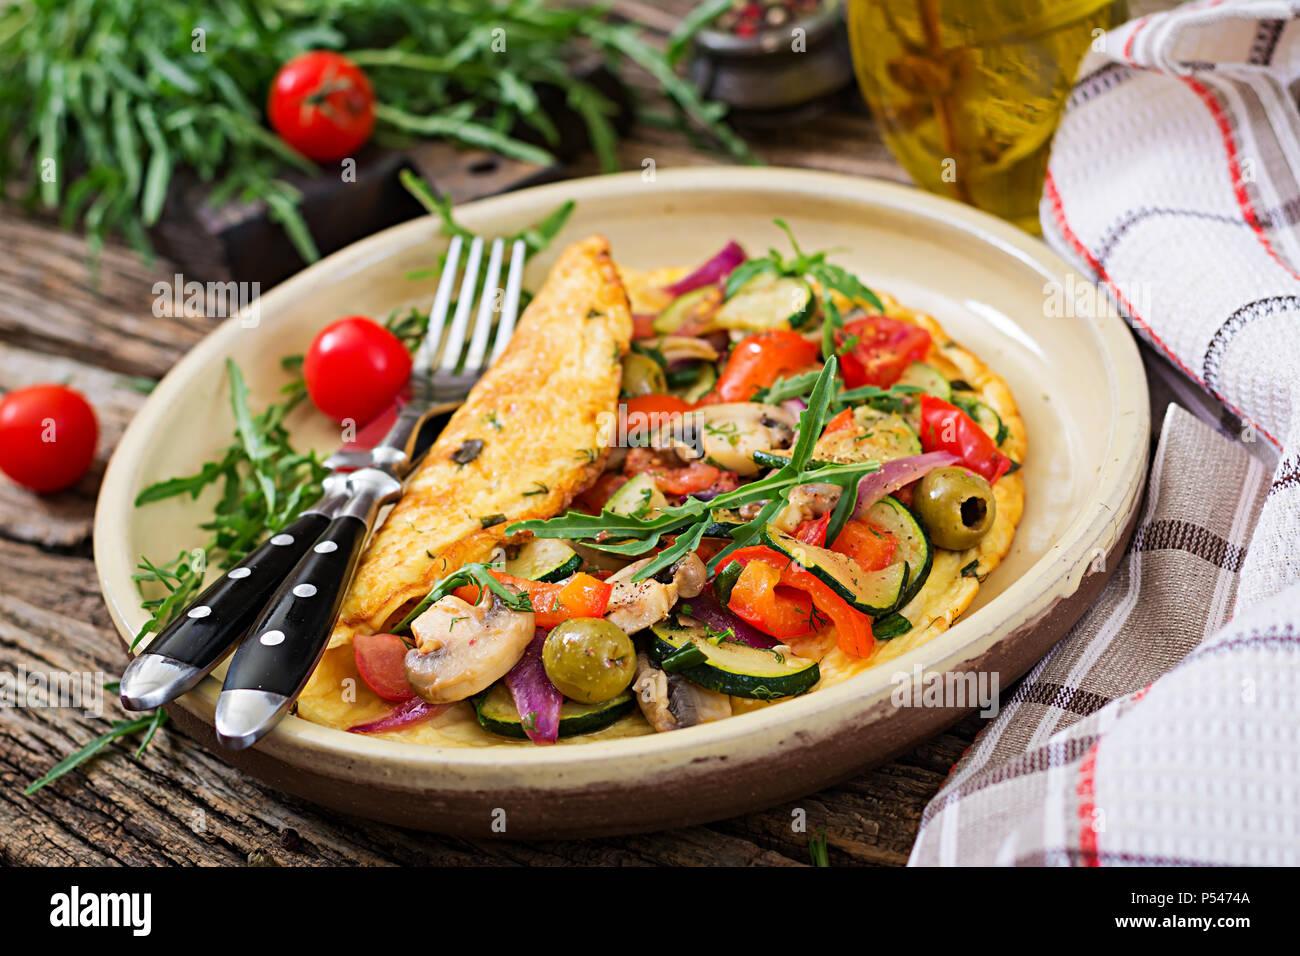 Omelette aux tomates, courgettes et champignons. Petit-déjeuner omelette. Alimentation saine. Photo Stock